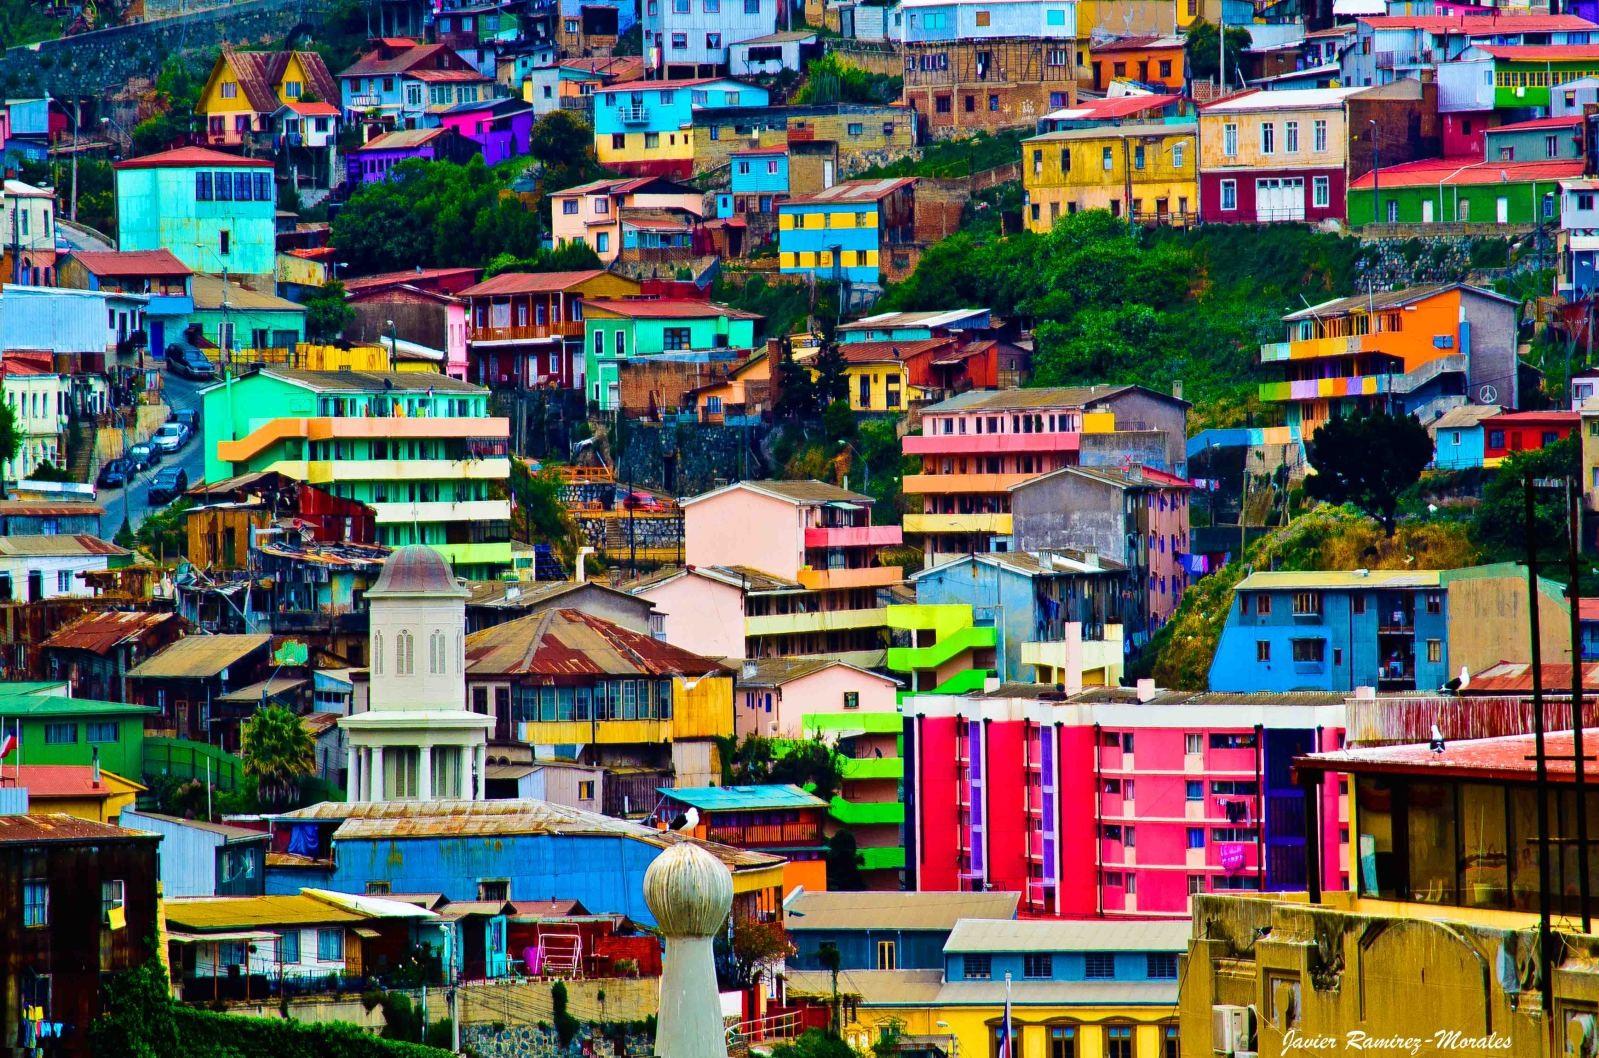 experiencia-valparaiso-chile-andrea-5bd4cce9e3713cba913067356fdc3310.jpg